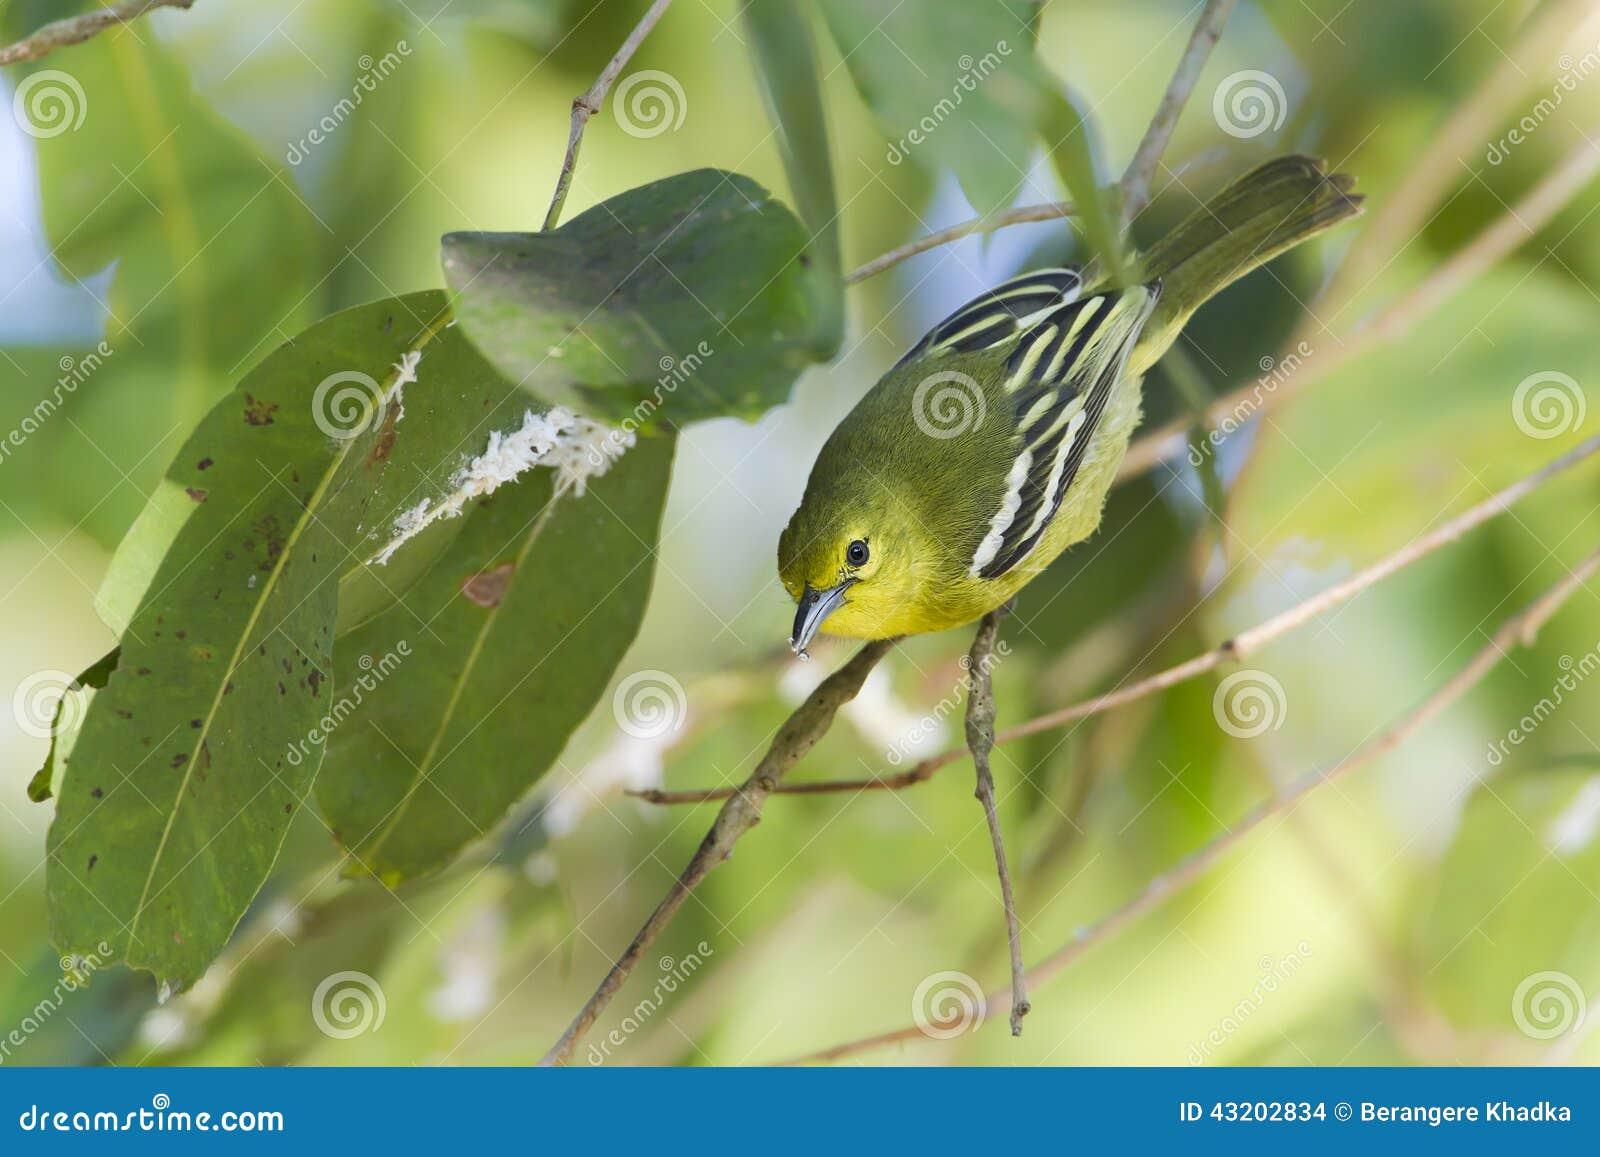 Download Gemensam iorafågel i Nepal arkivfoto. Bild av subcontinent - 43202834